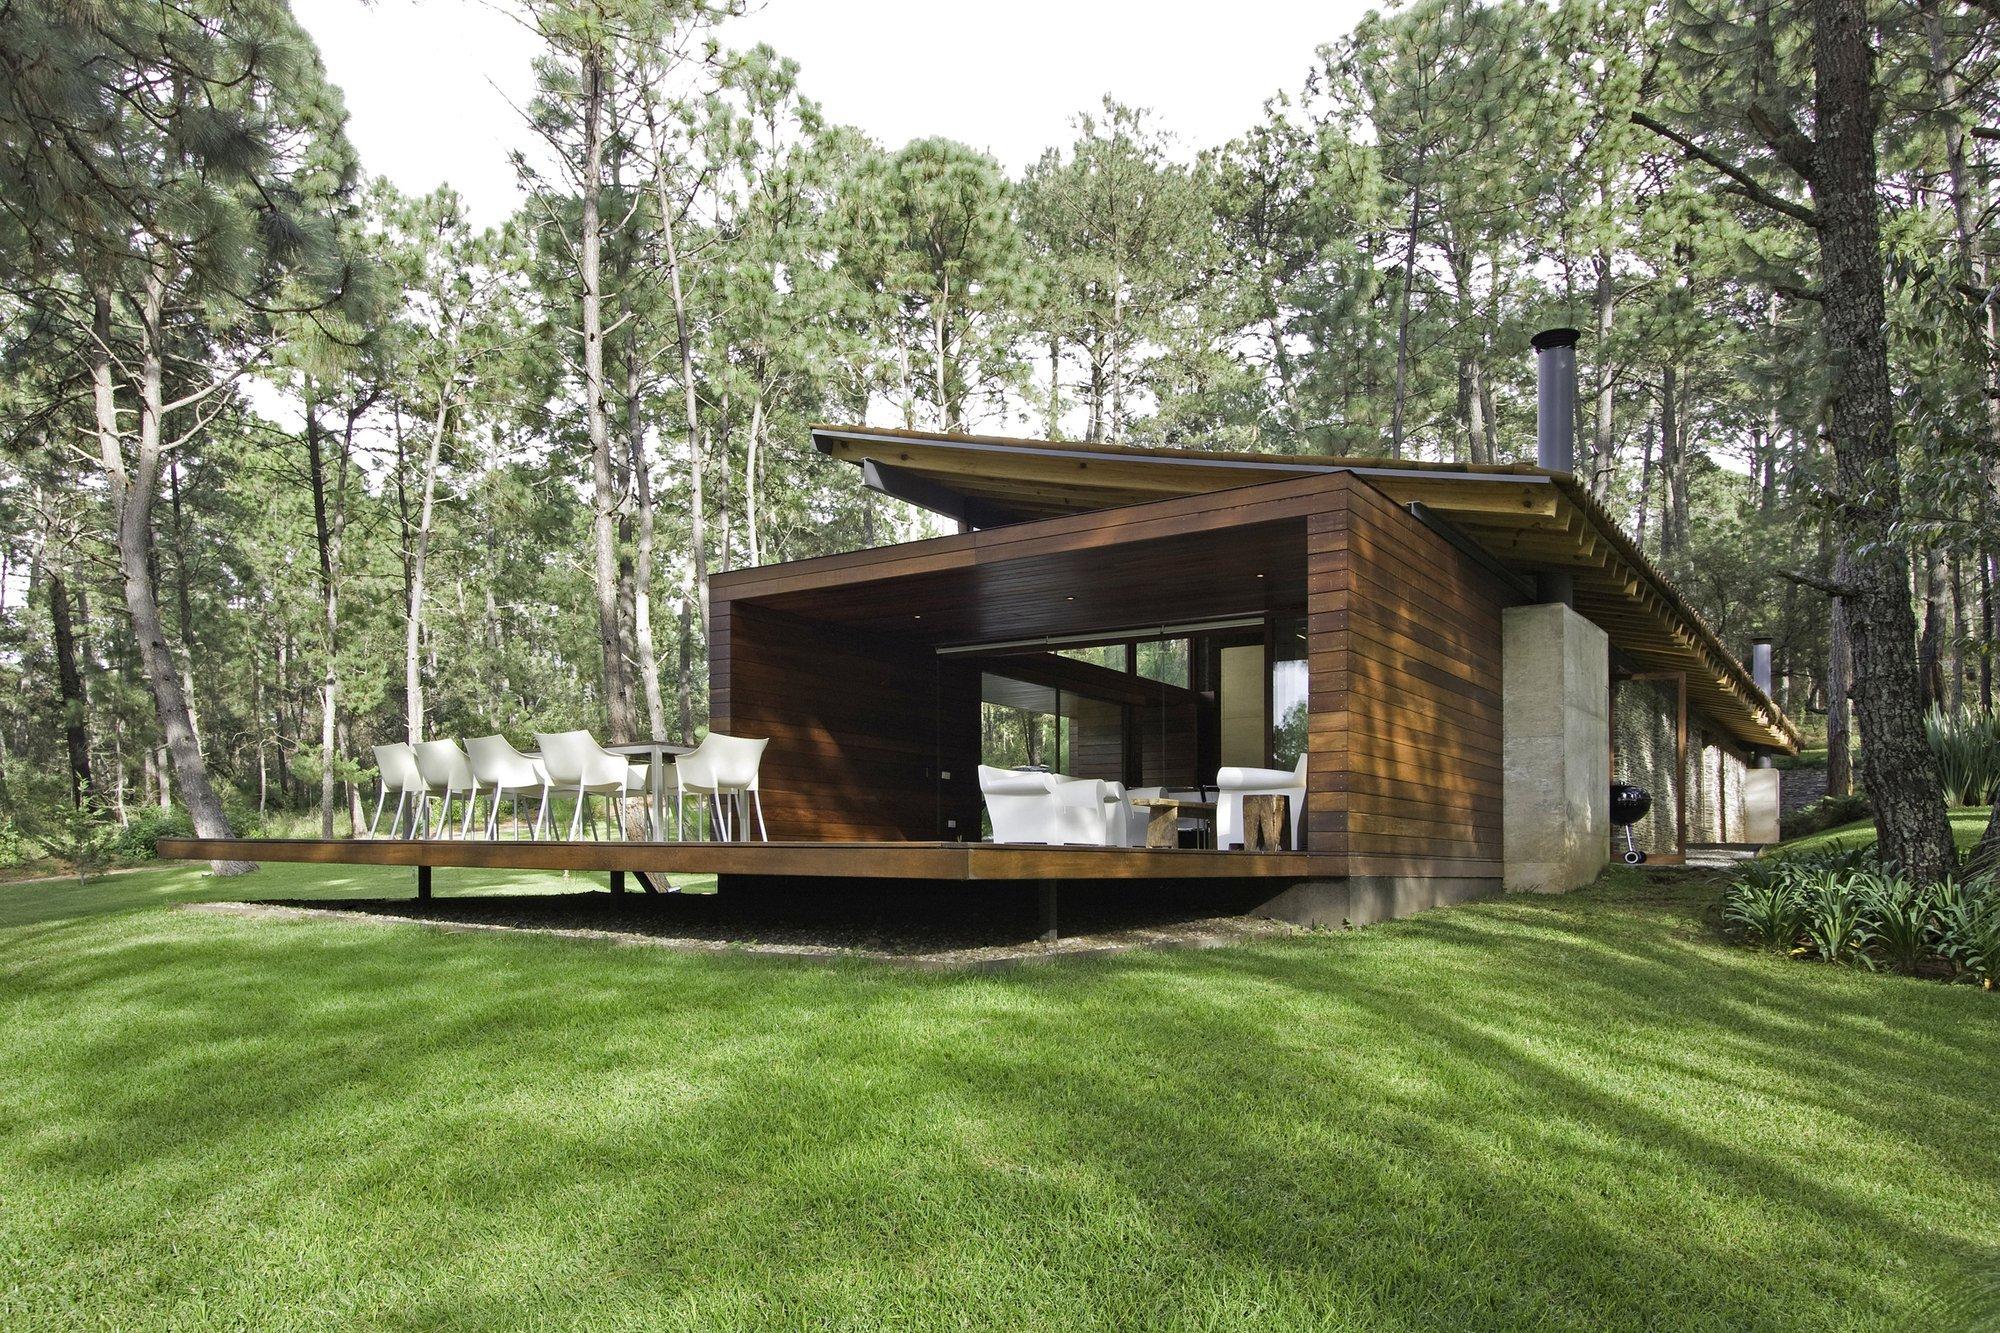 Galer a de casa ro tapalpa el as rizo arquitectos 22 - Arquitectos madrid 2 0 ...